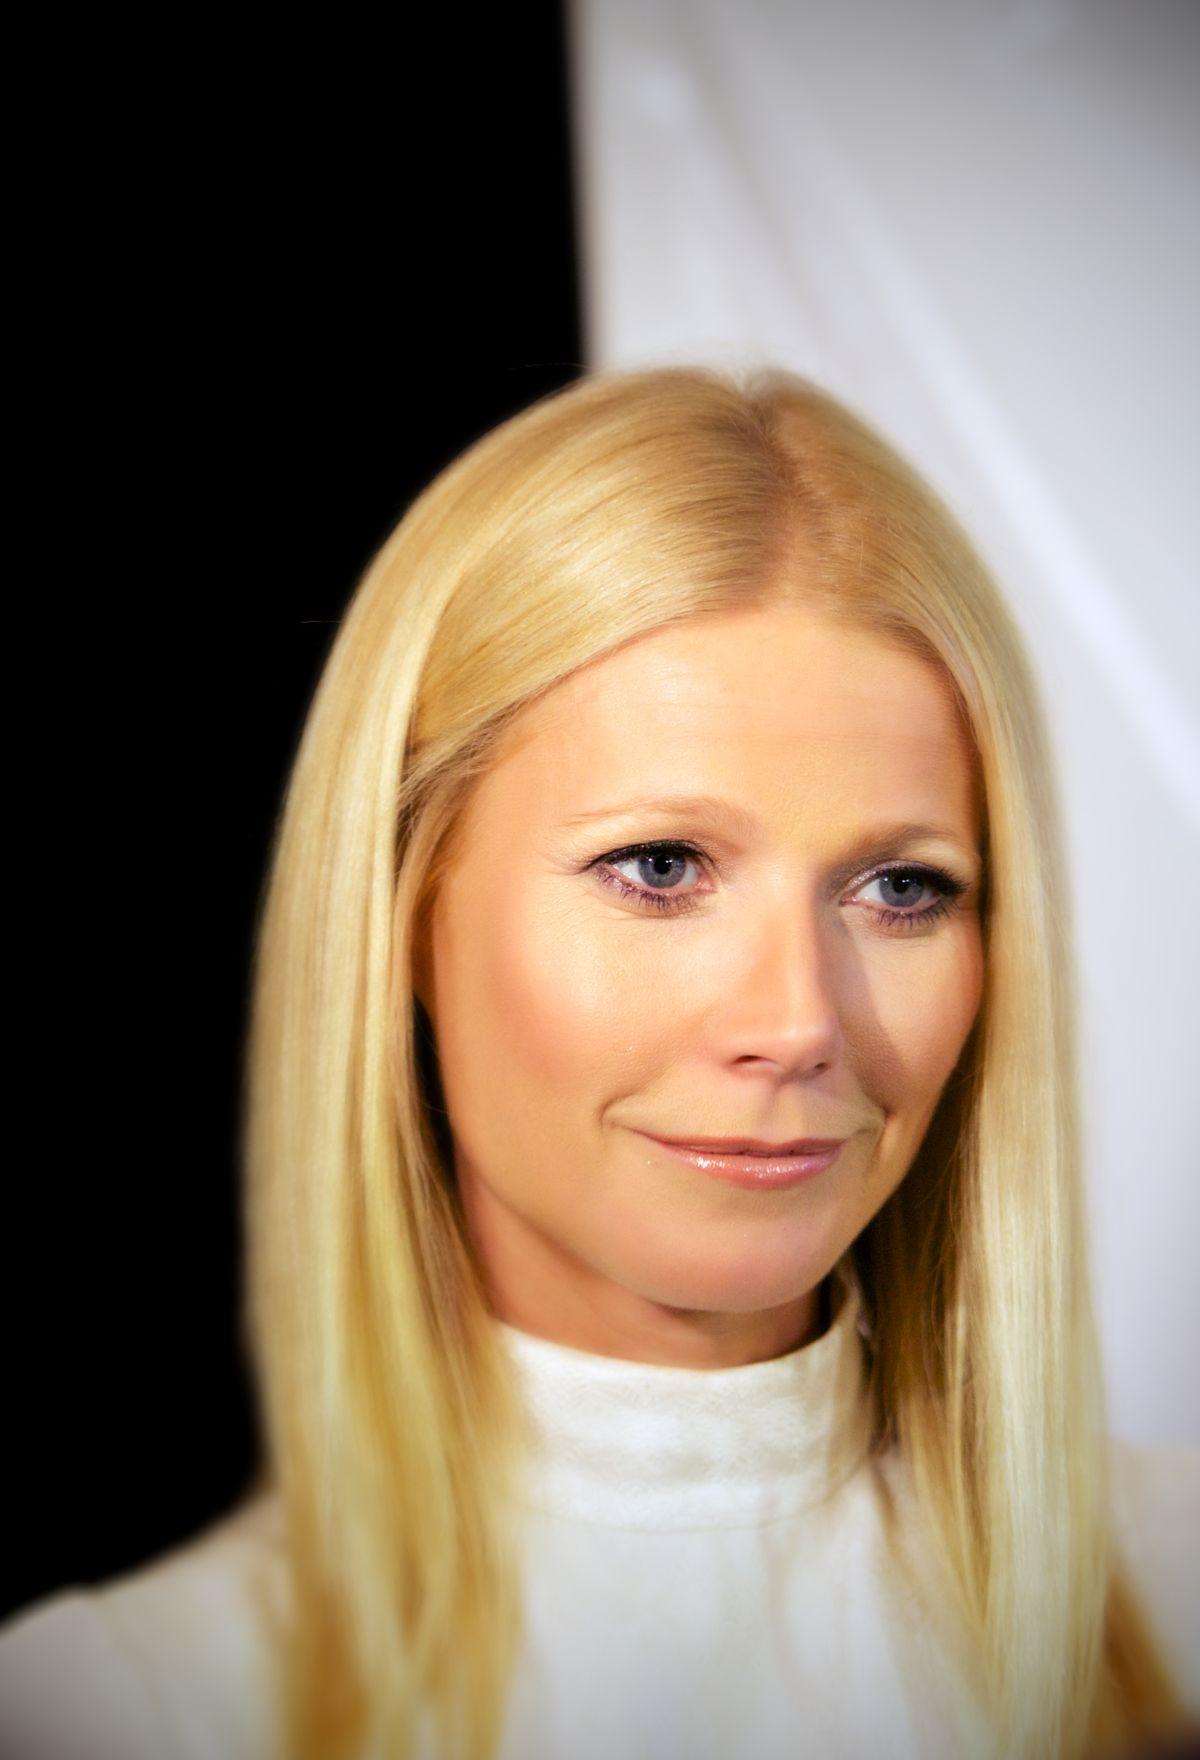 Gwyneth Paltrow Portrait